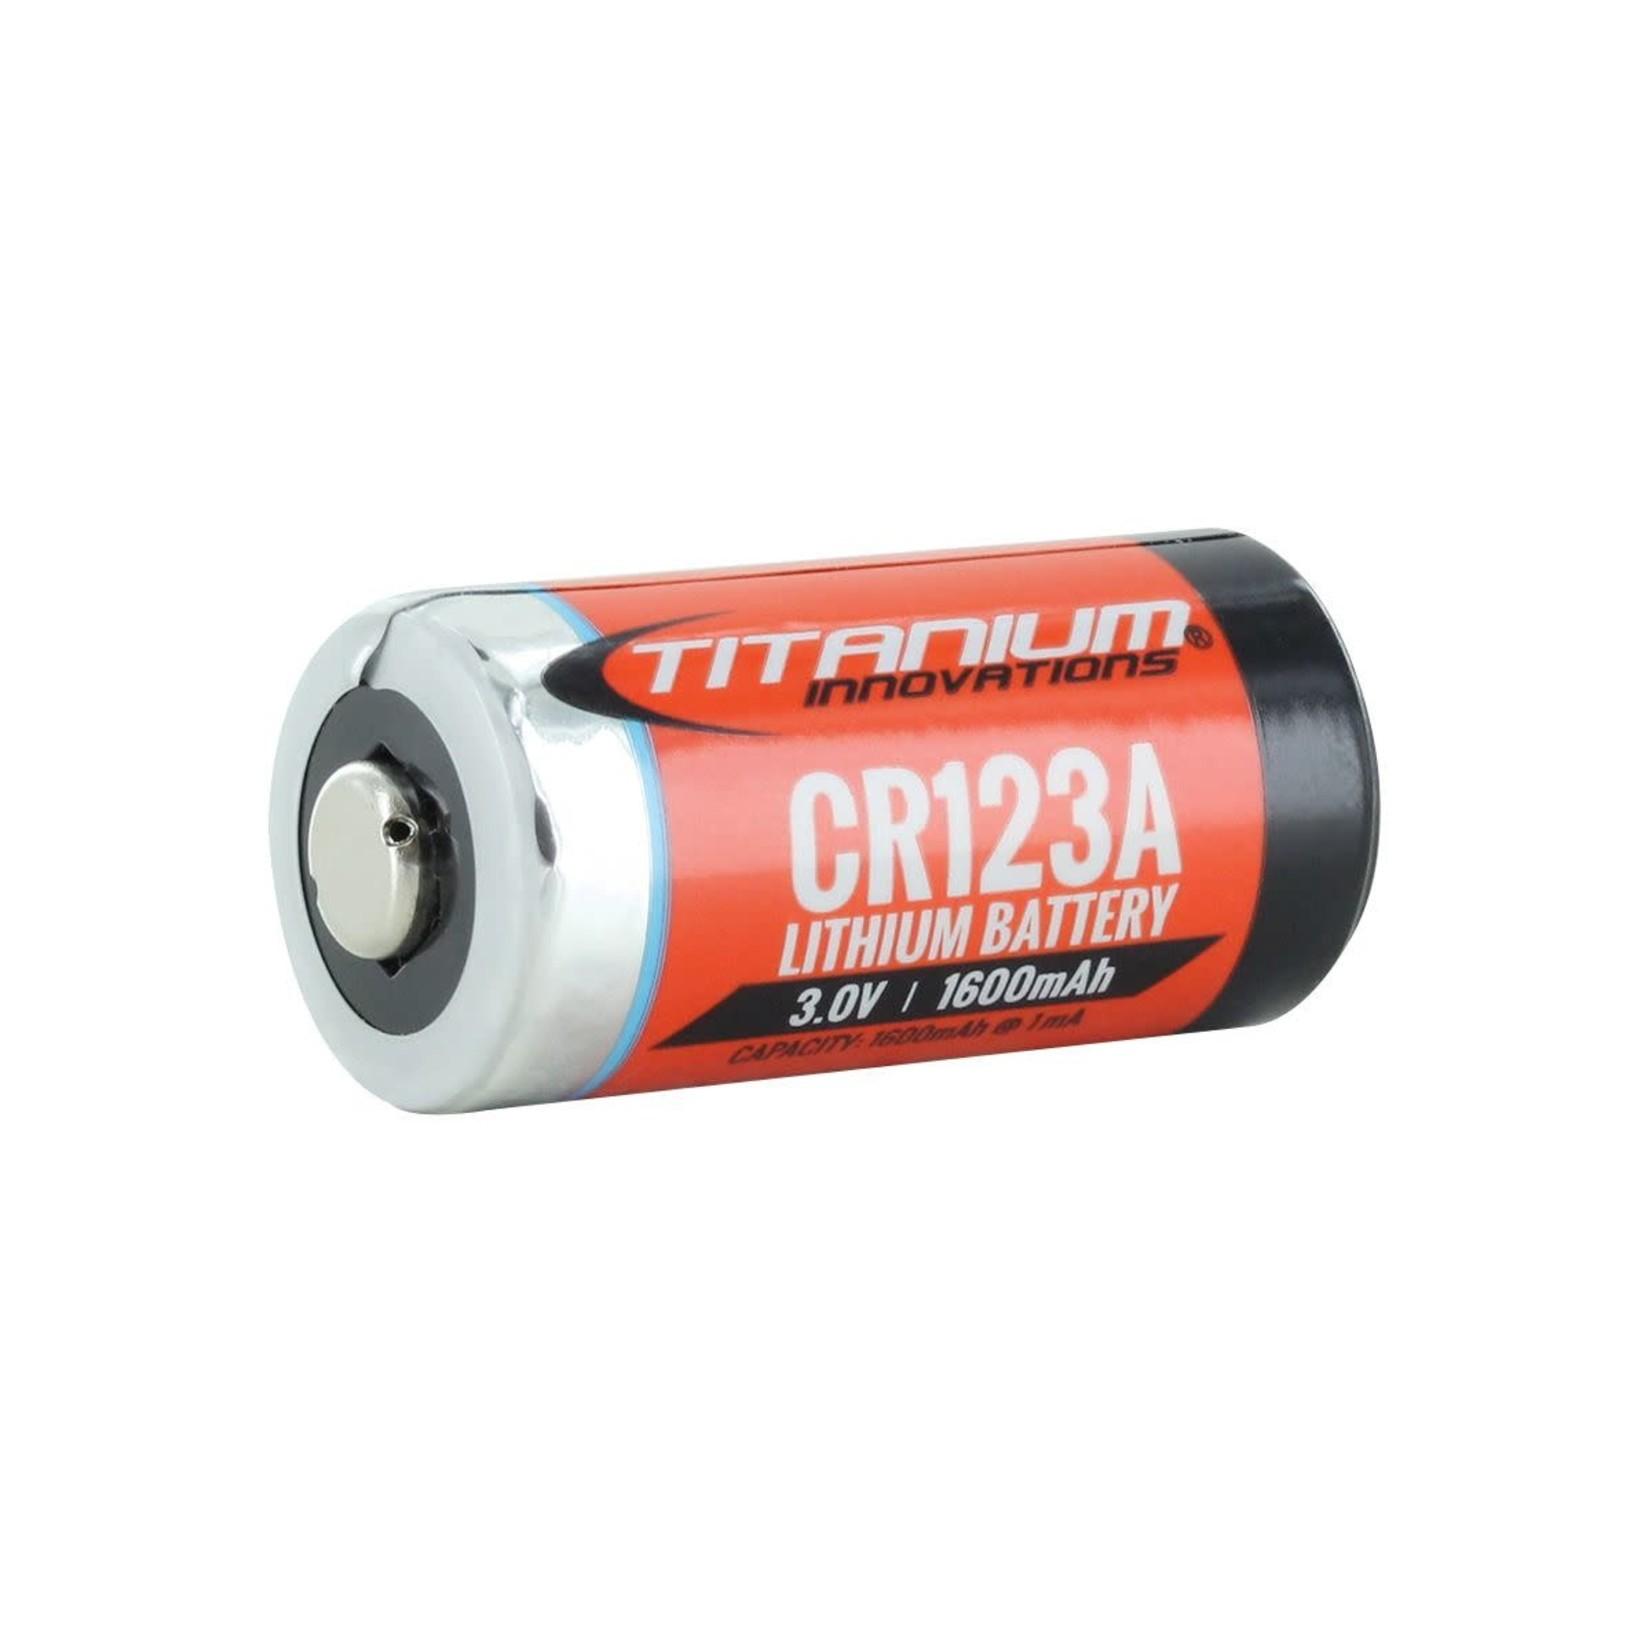 Fenix Fenix CR123A Lithium Battery 2/pkg